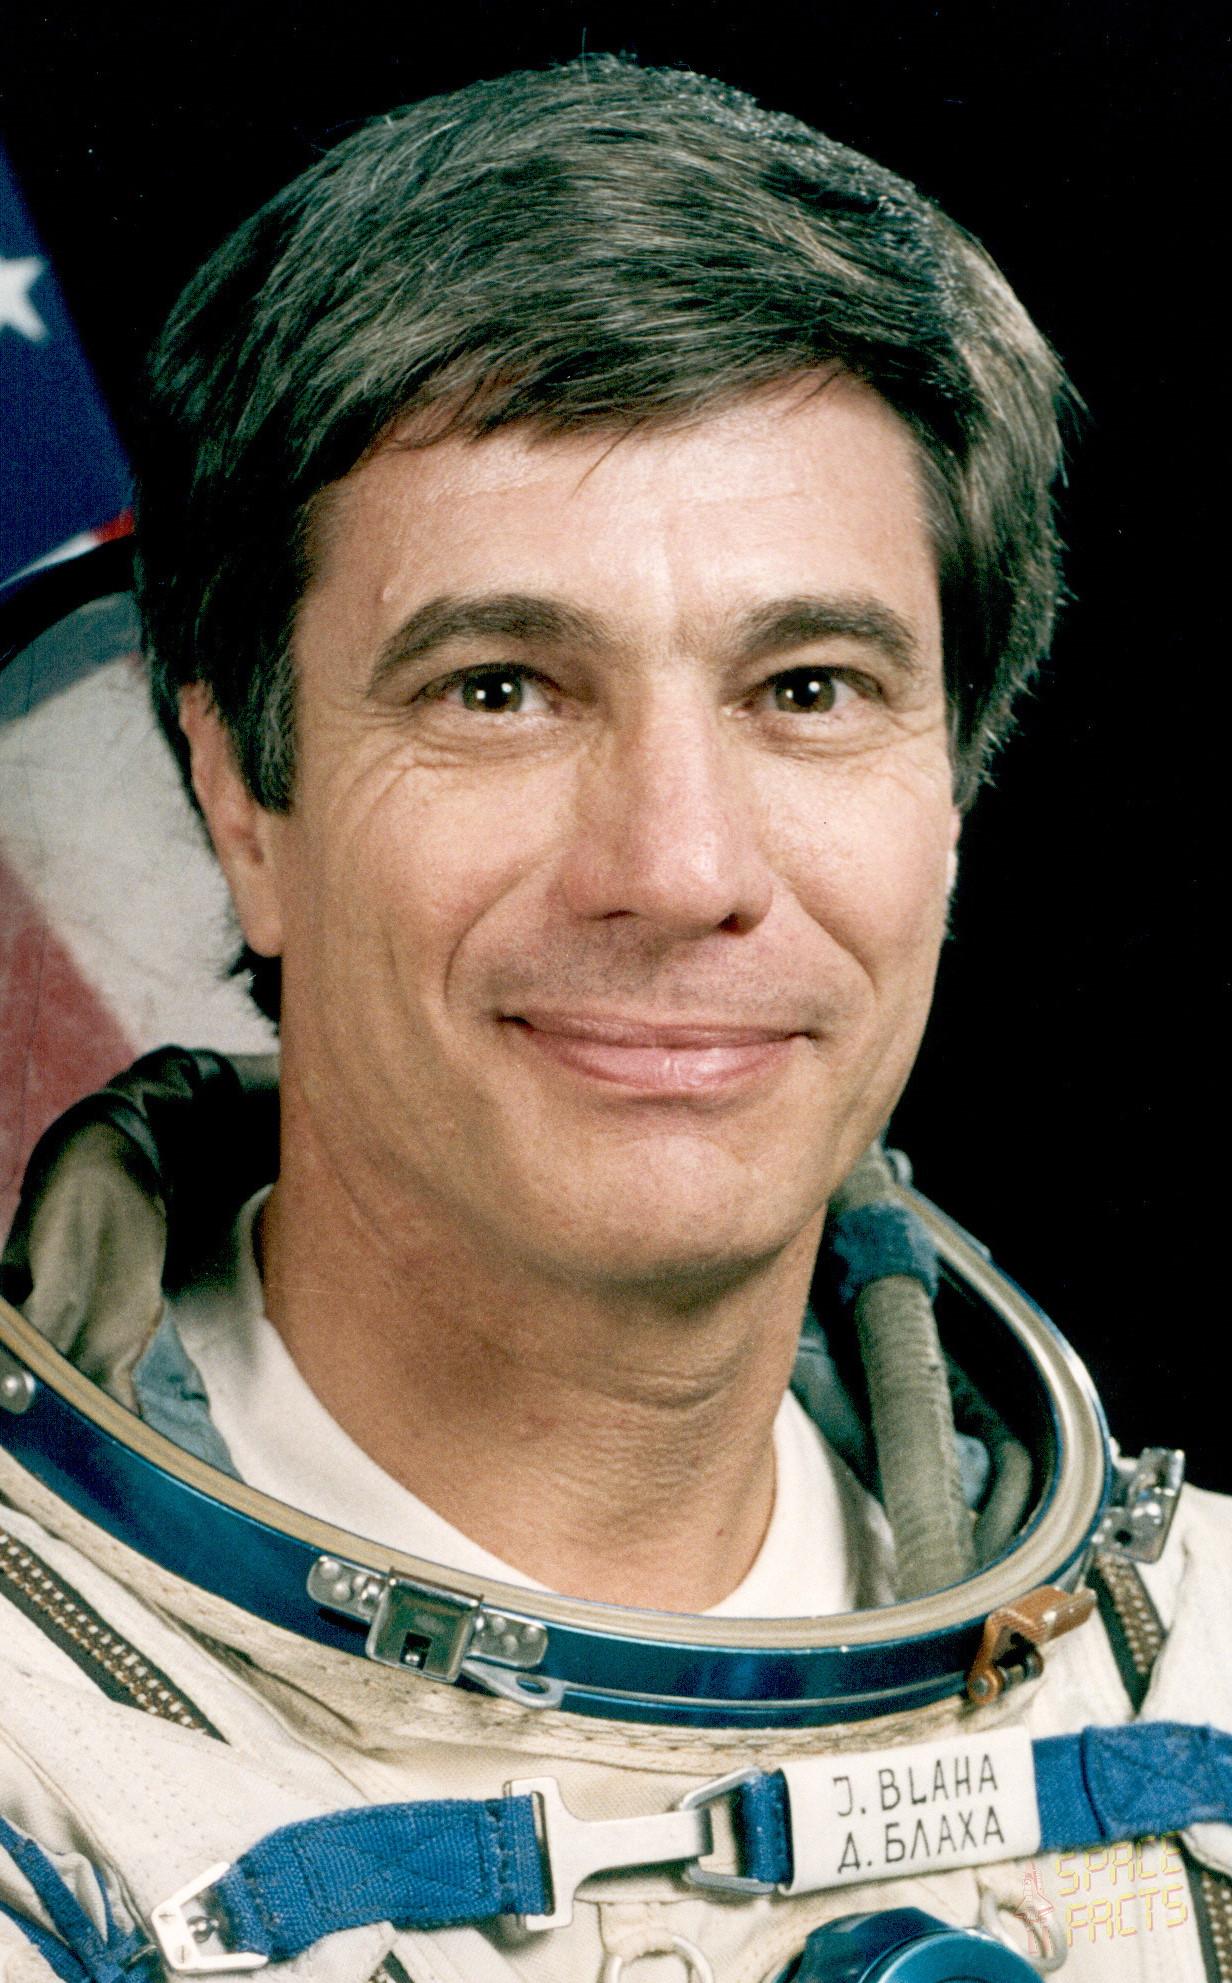 astronaut biography  john blaha